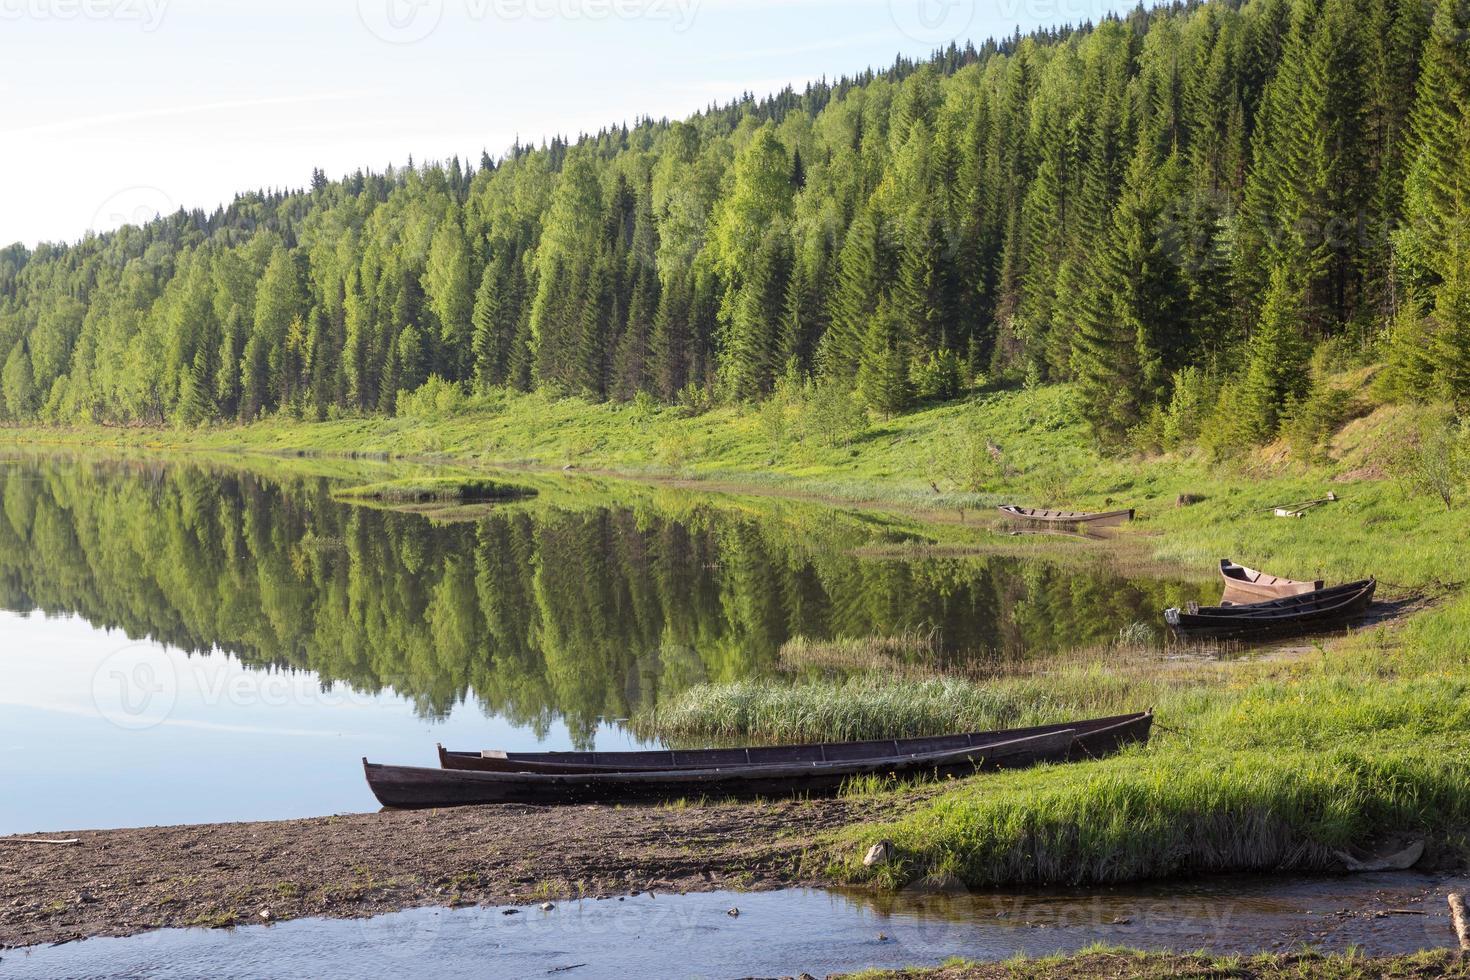 bateau sur la rivière aux beaux jours photo